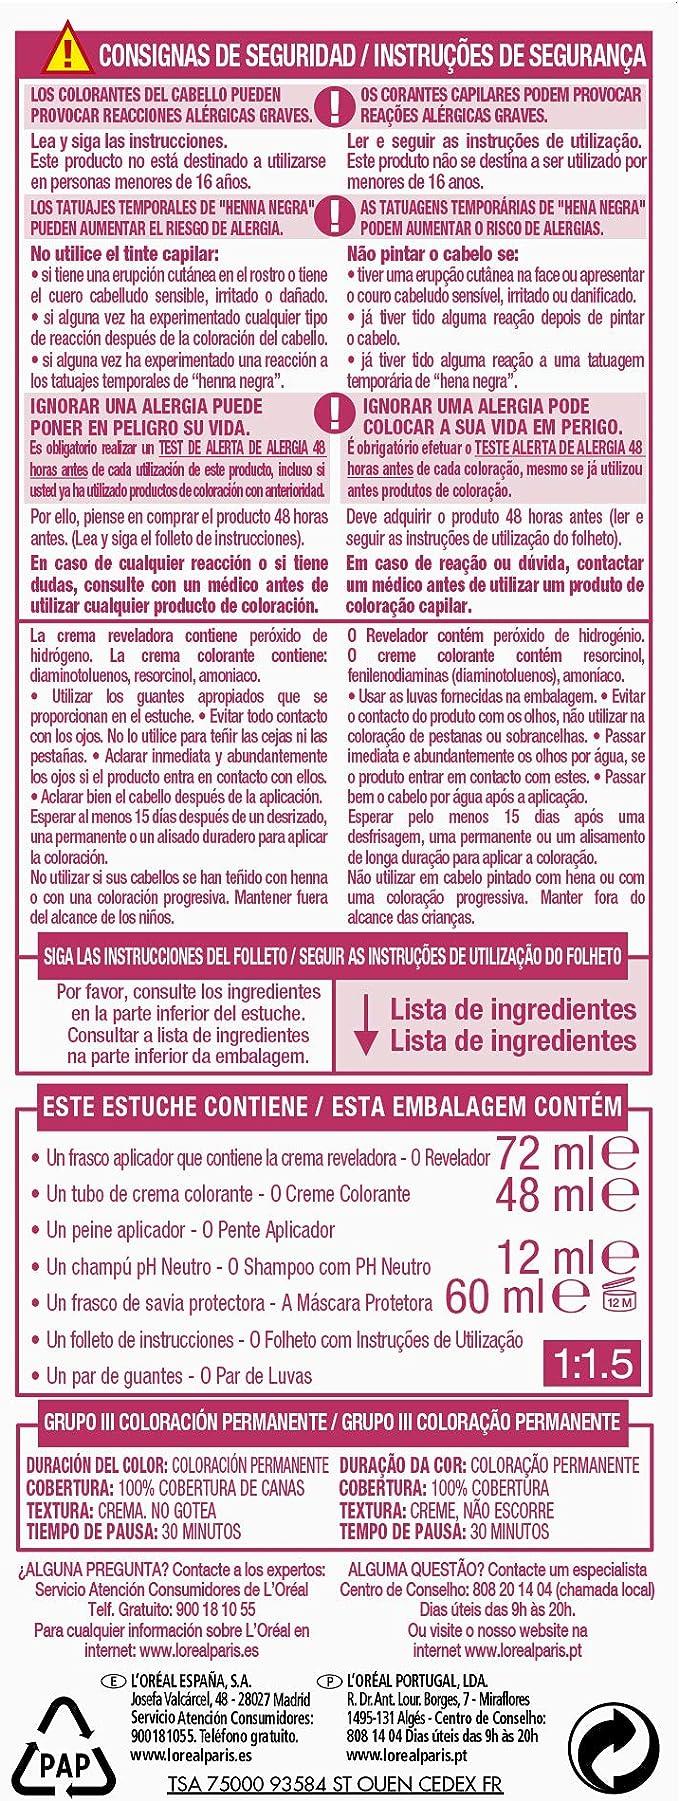 lista de cremă varicoasă